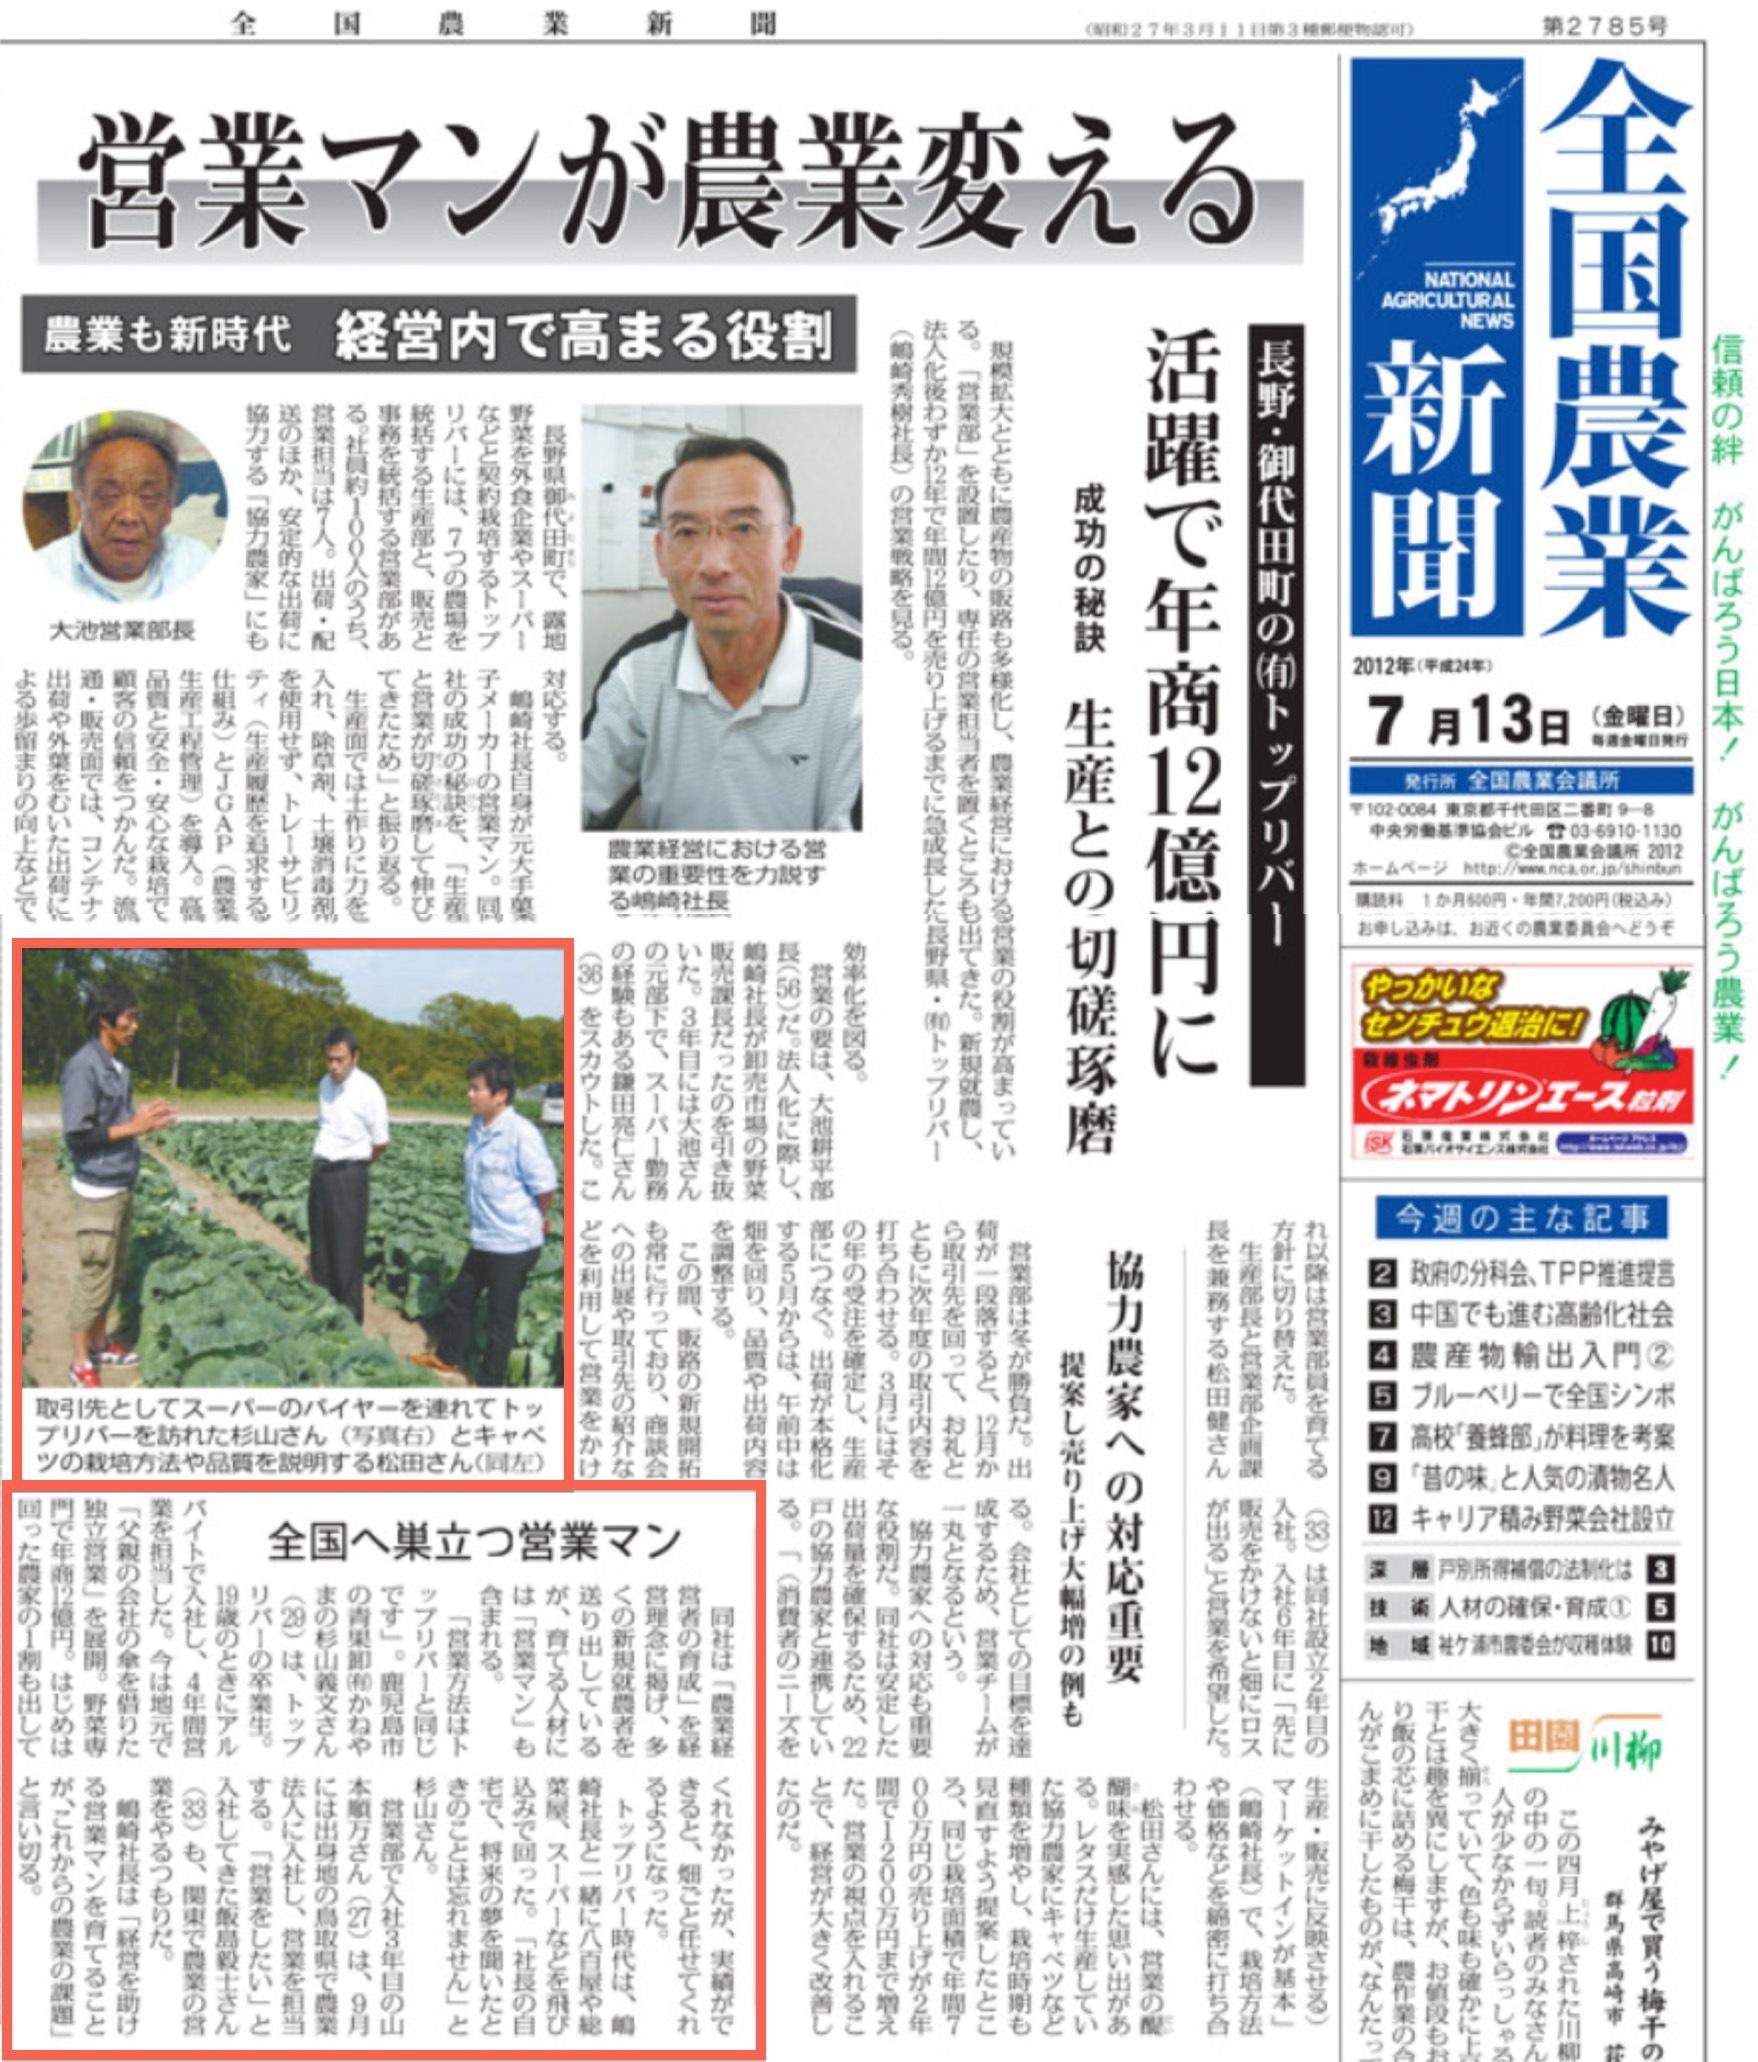 【メディア掲載】2012年7月13日 全国農業新聞